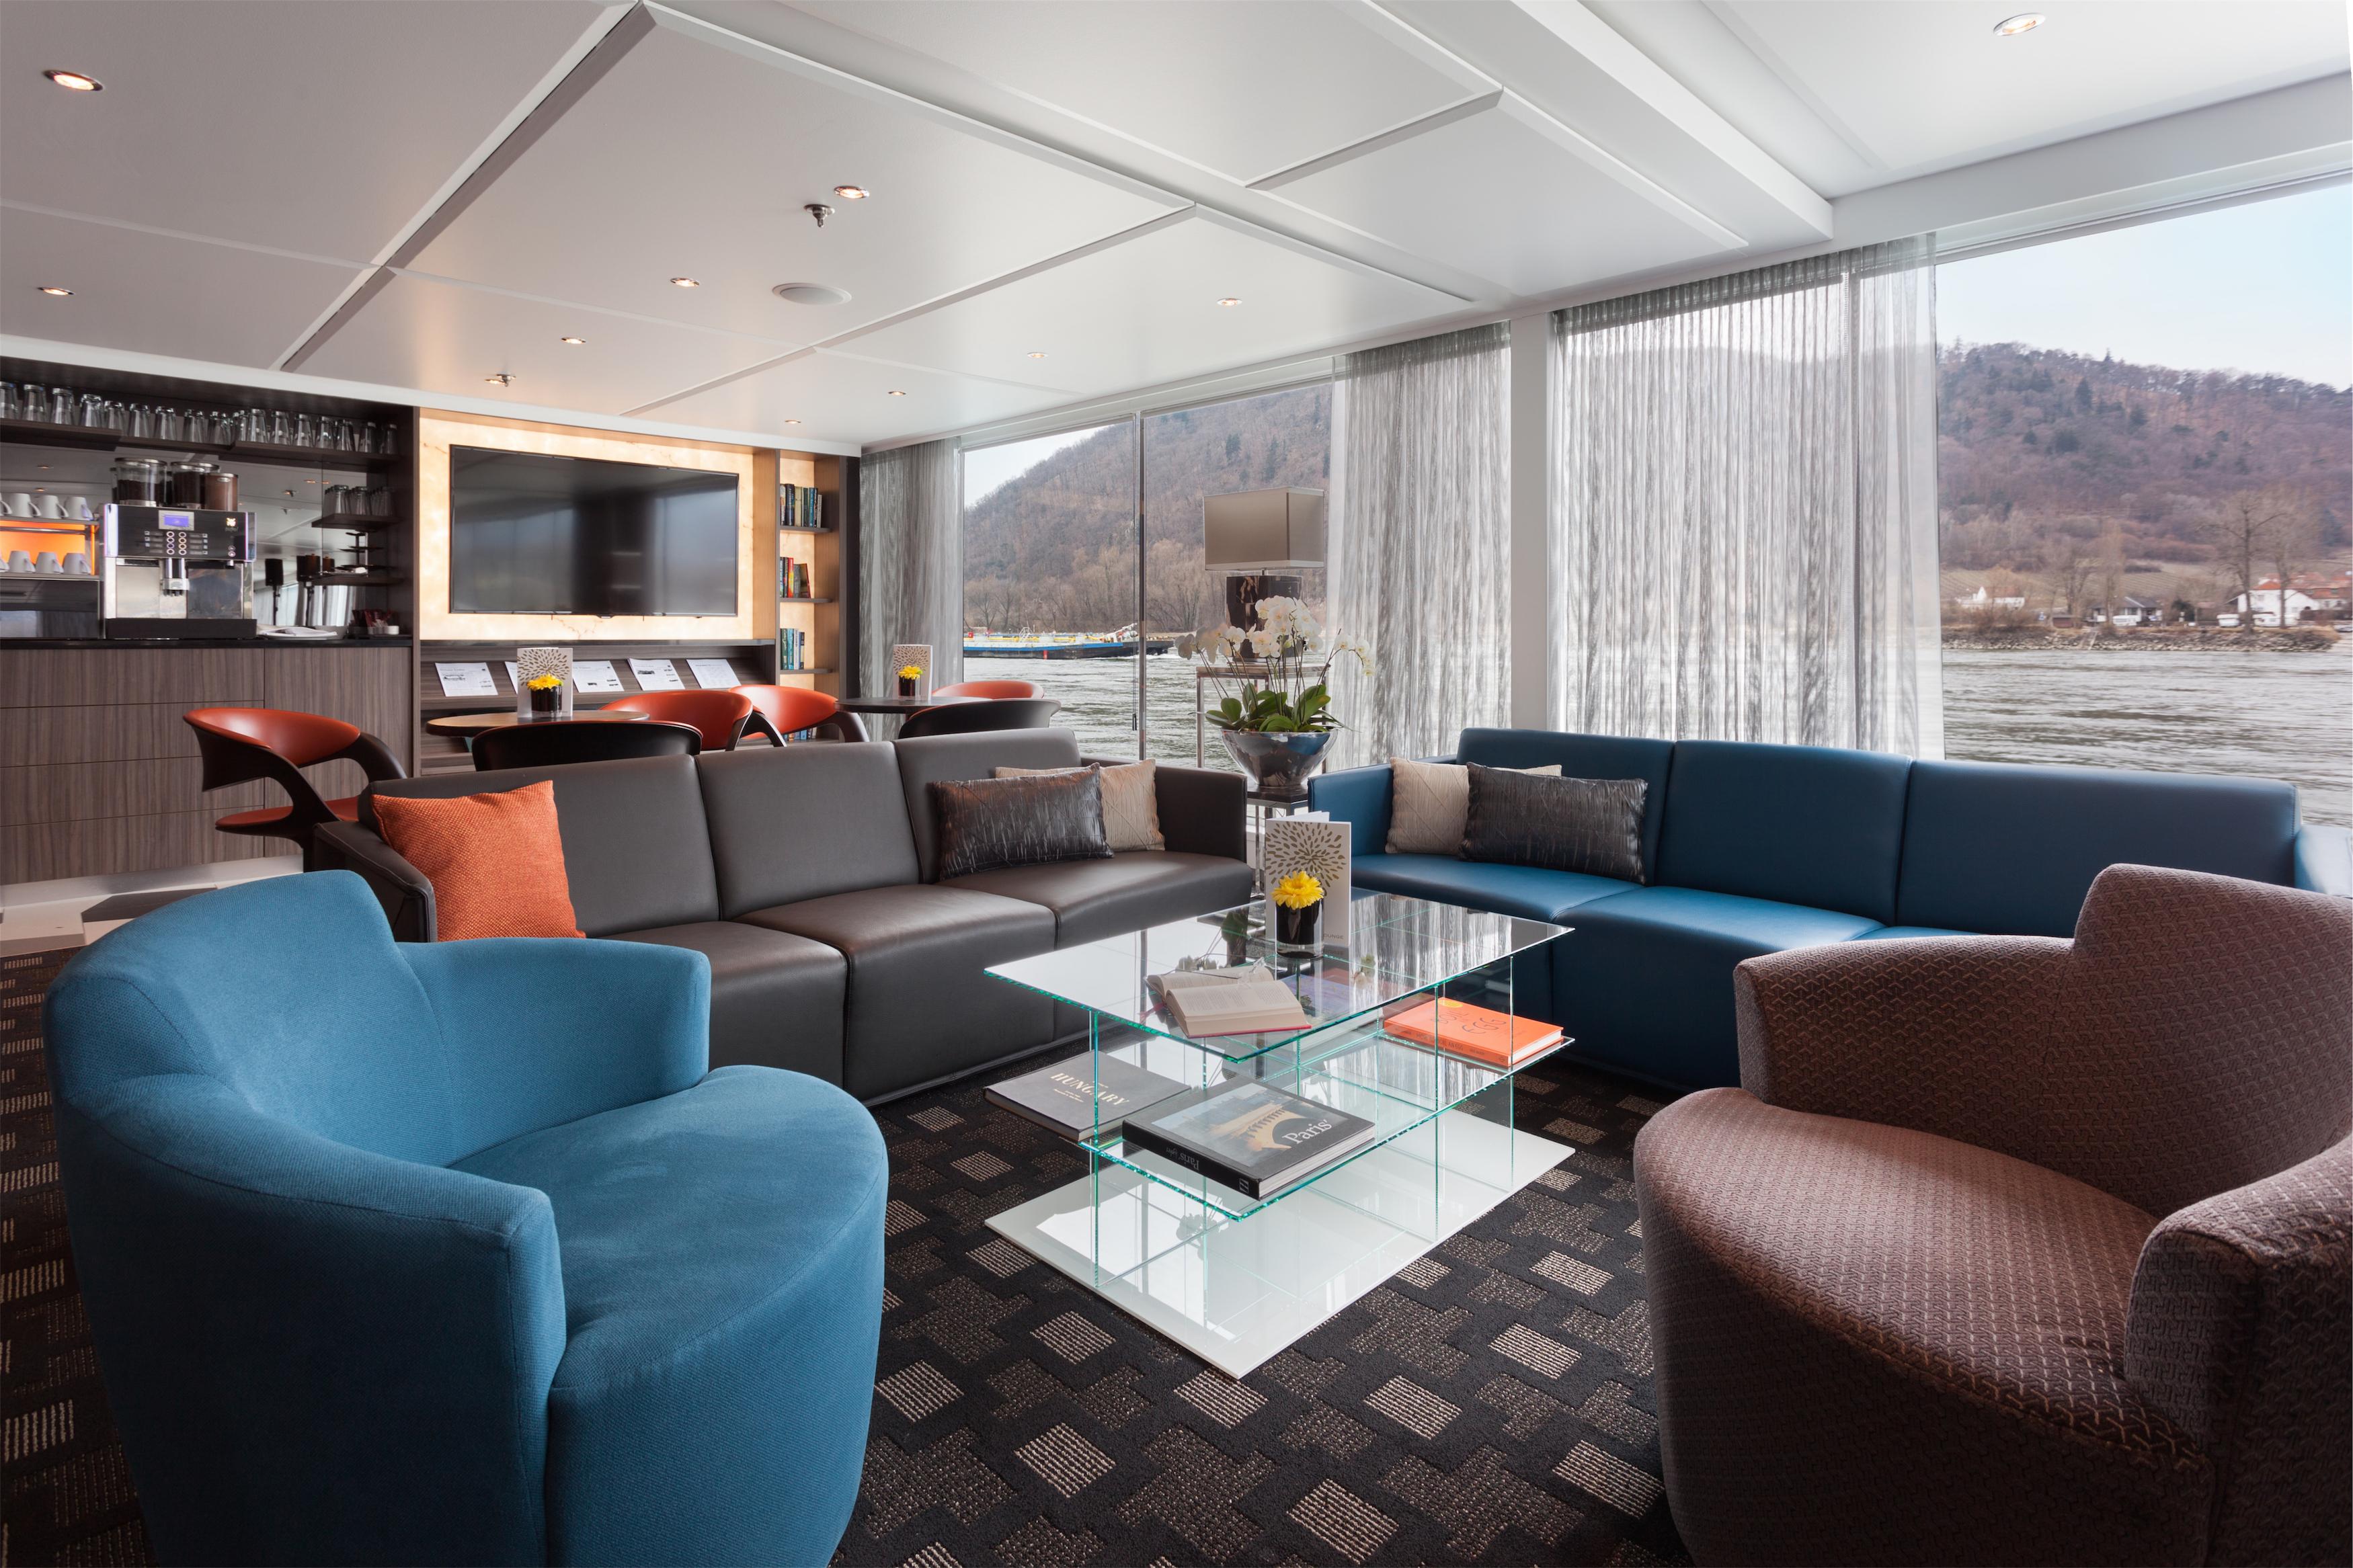 Scenic Sapphire Scenic Emerald Scenic Diamond Scenic Ruby Scenic Pearl Interior Lounge 2.jpg